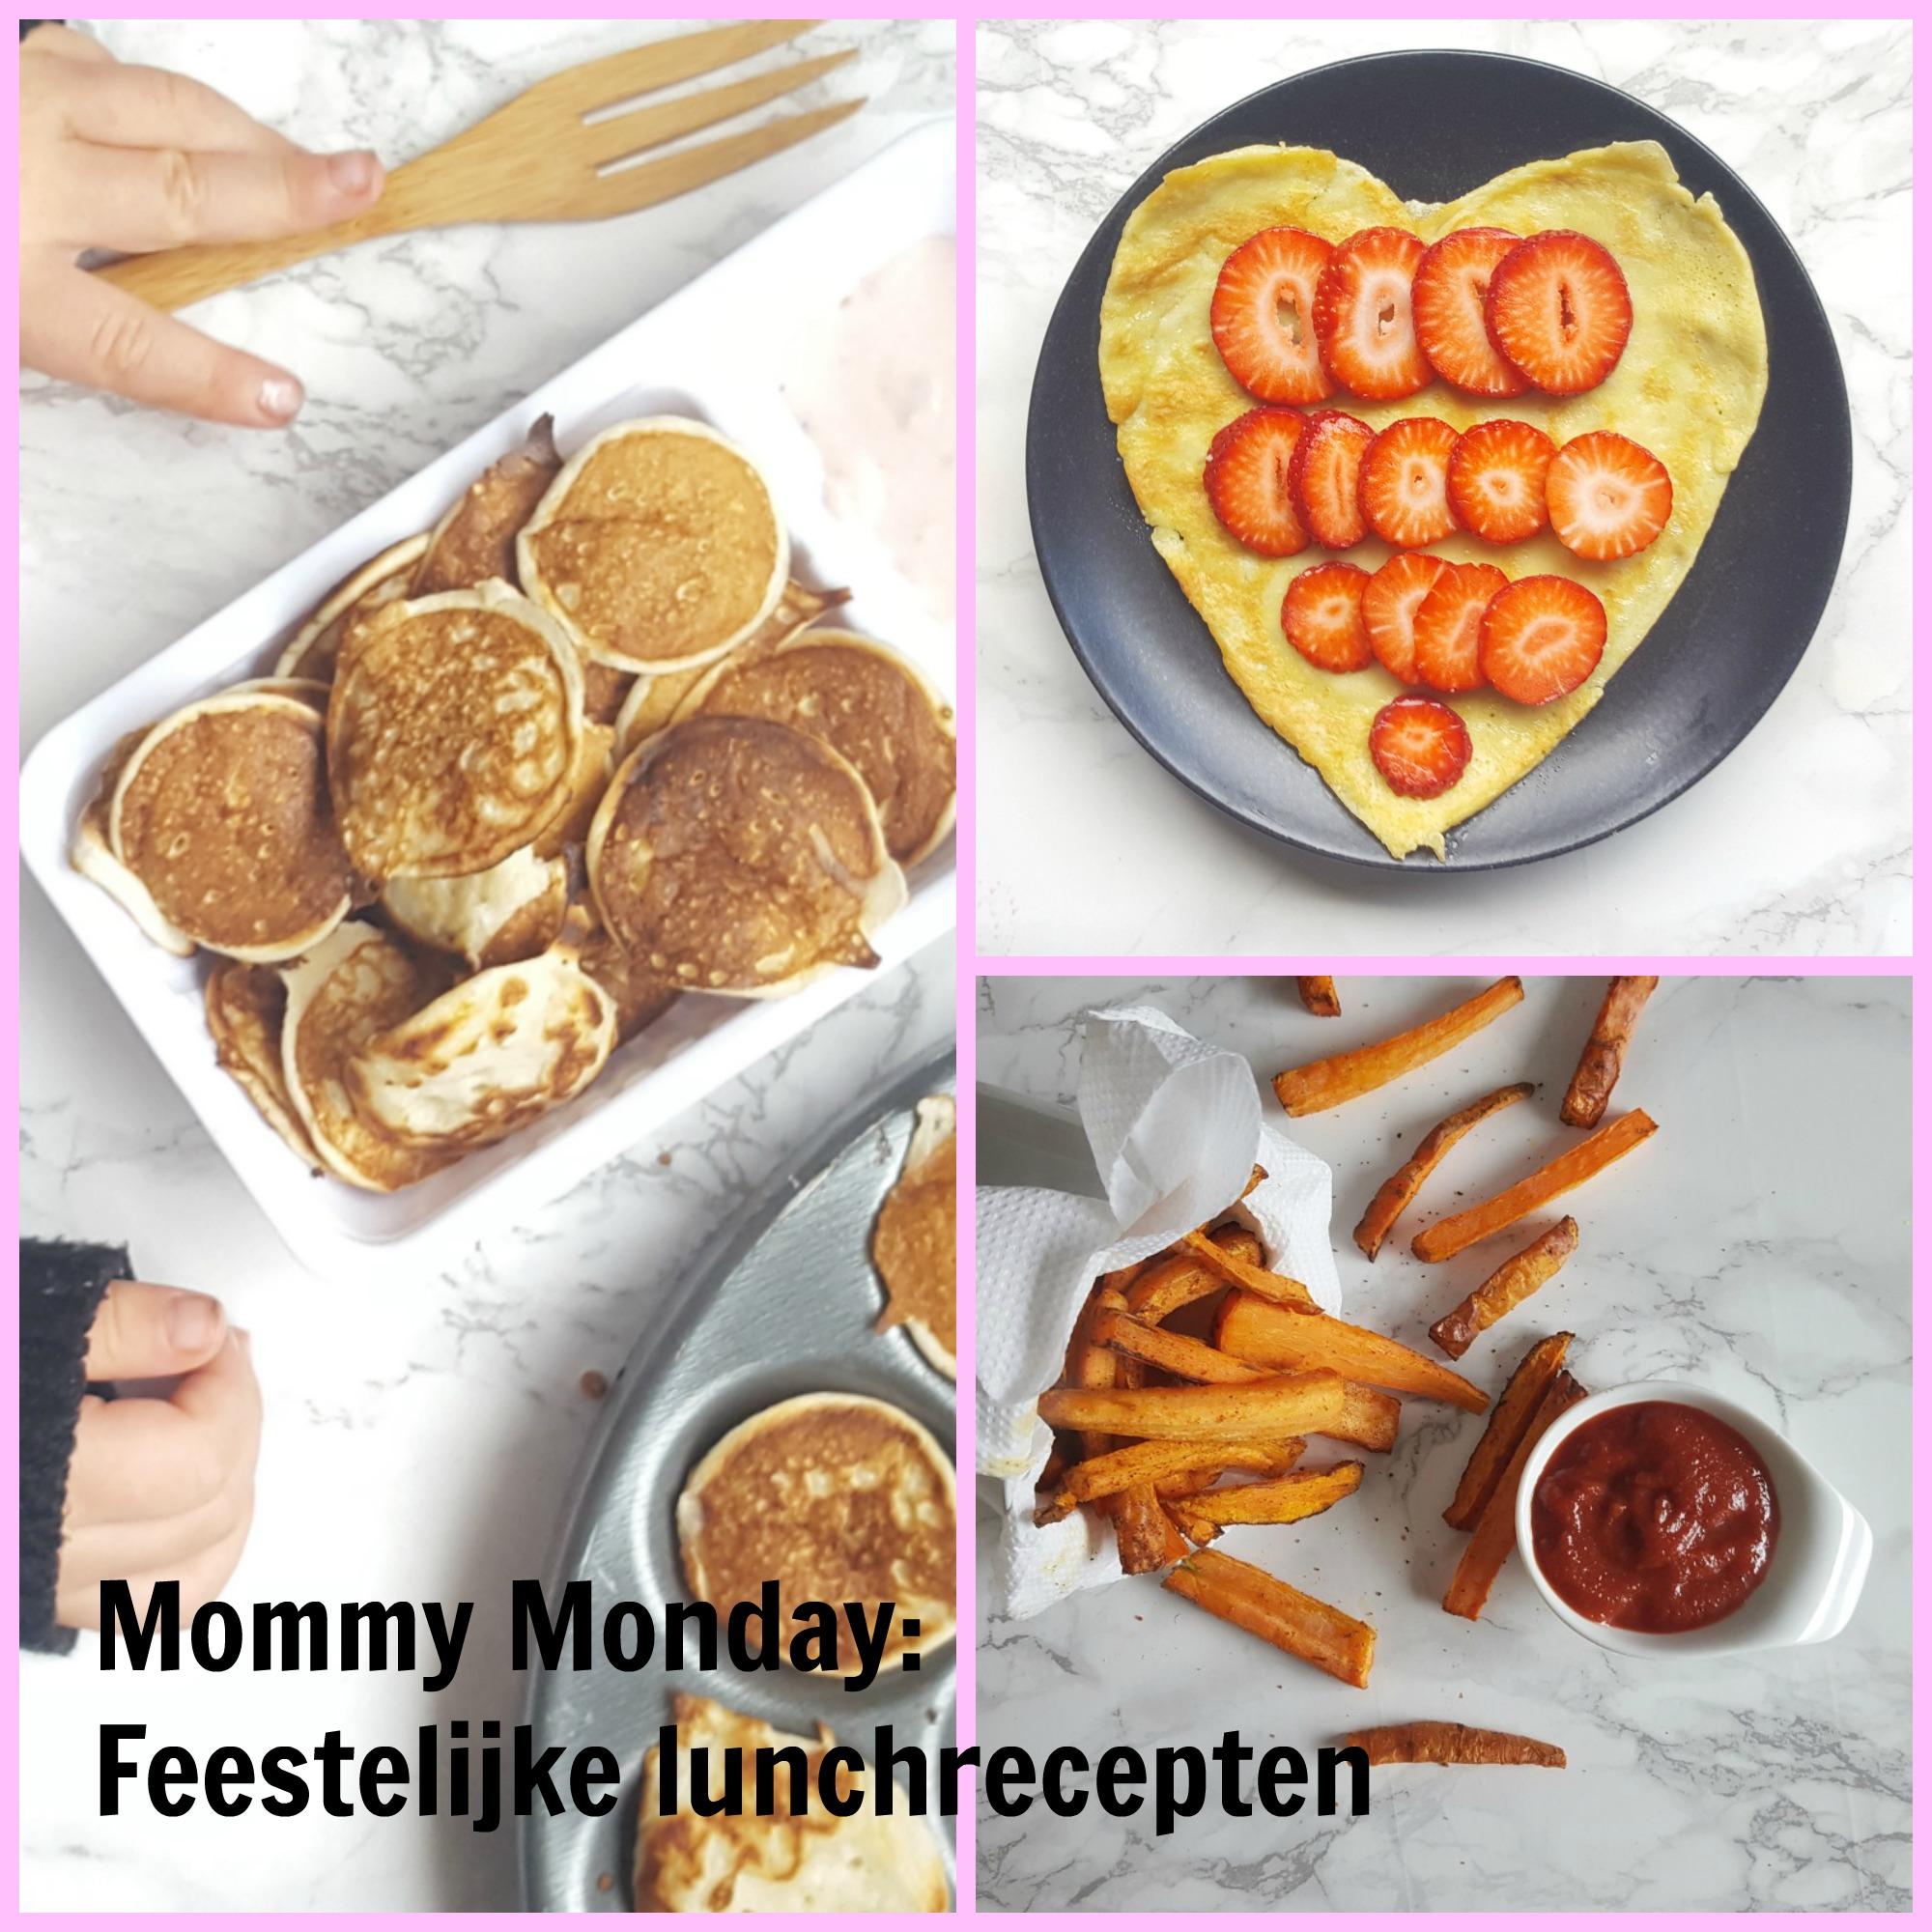 Mommy Monday: Maak een feestje van de lunch